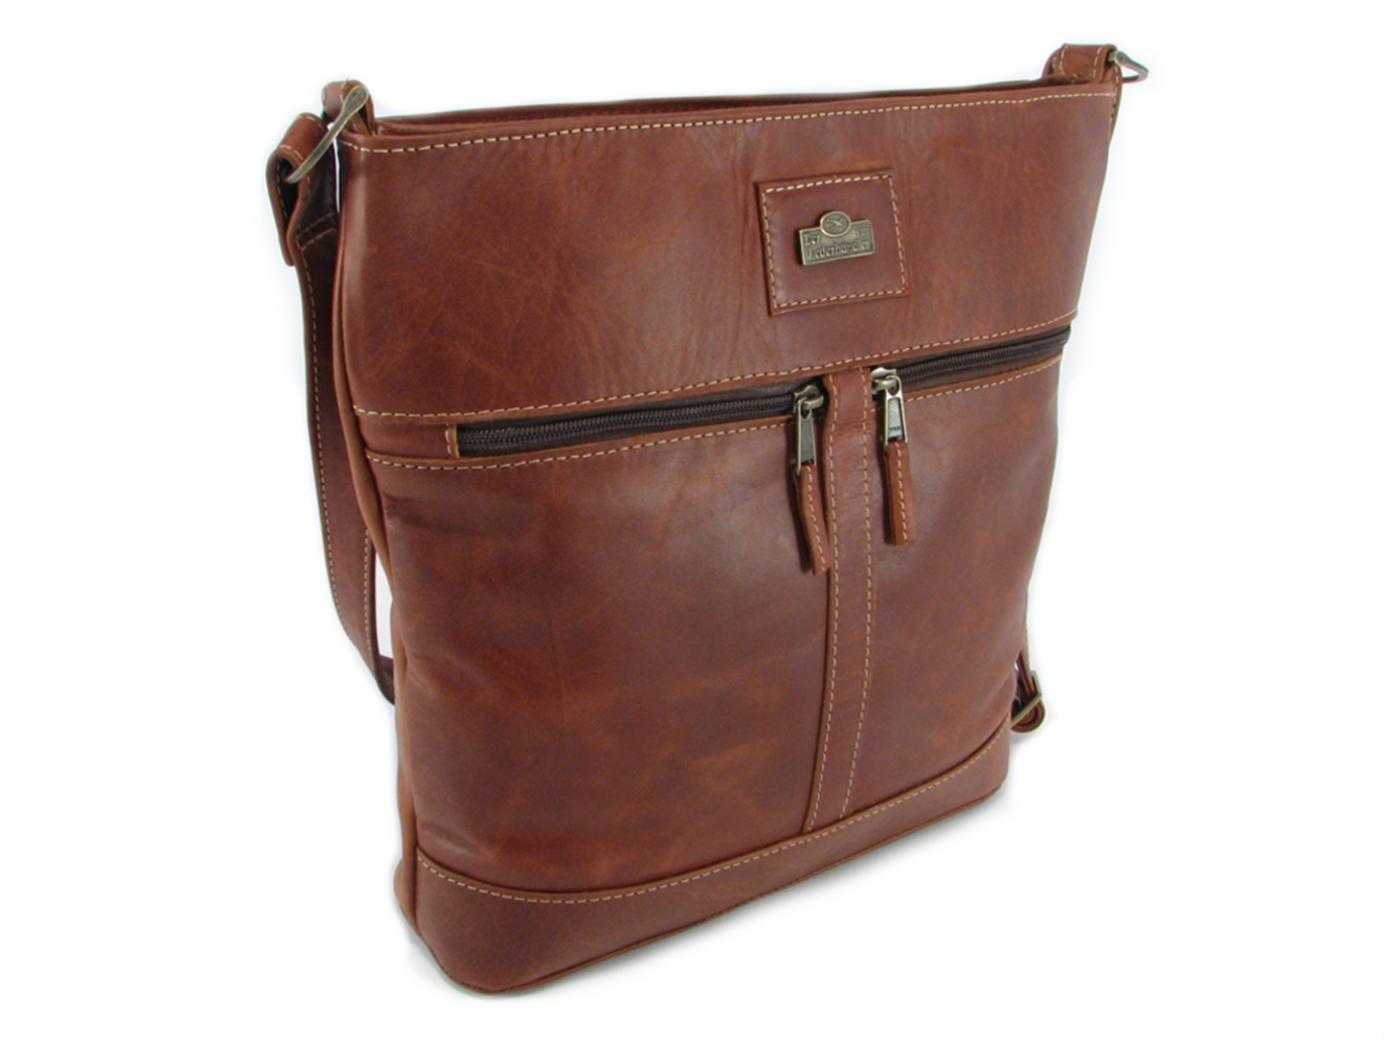 28b0ecdc4c15 Lynn HP7314 side crossbody handbags leather bags women, Der Lederhandler,  George, Western Cape